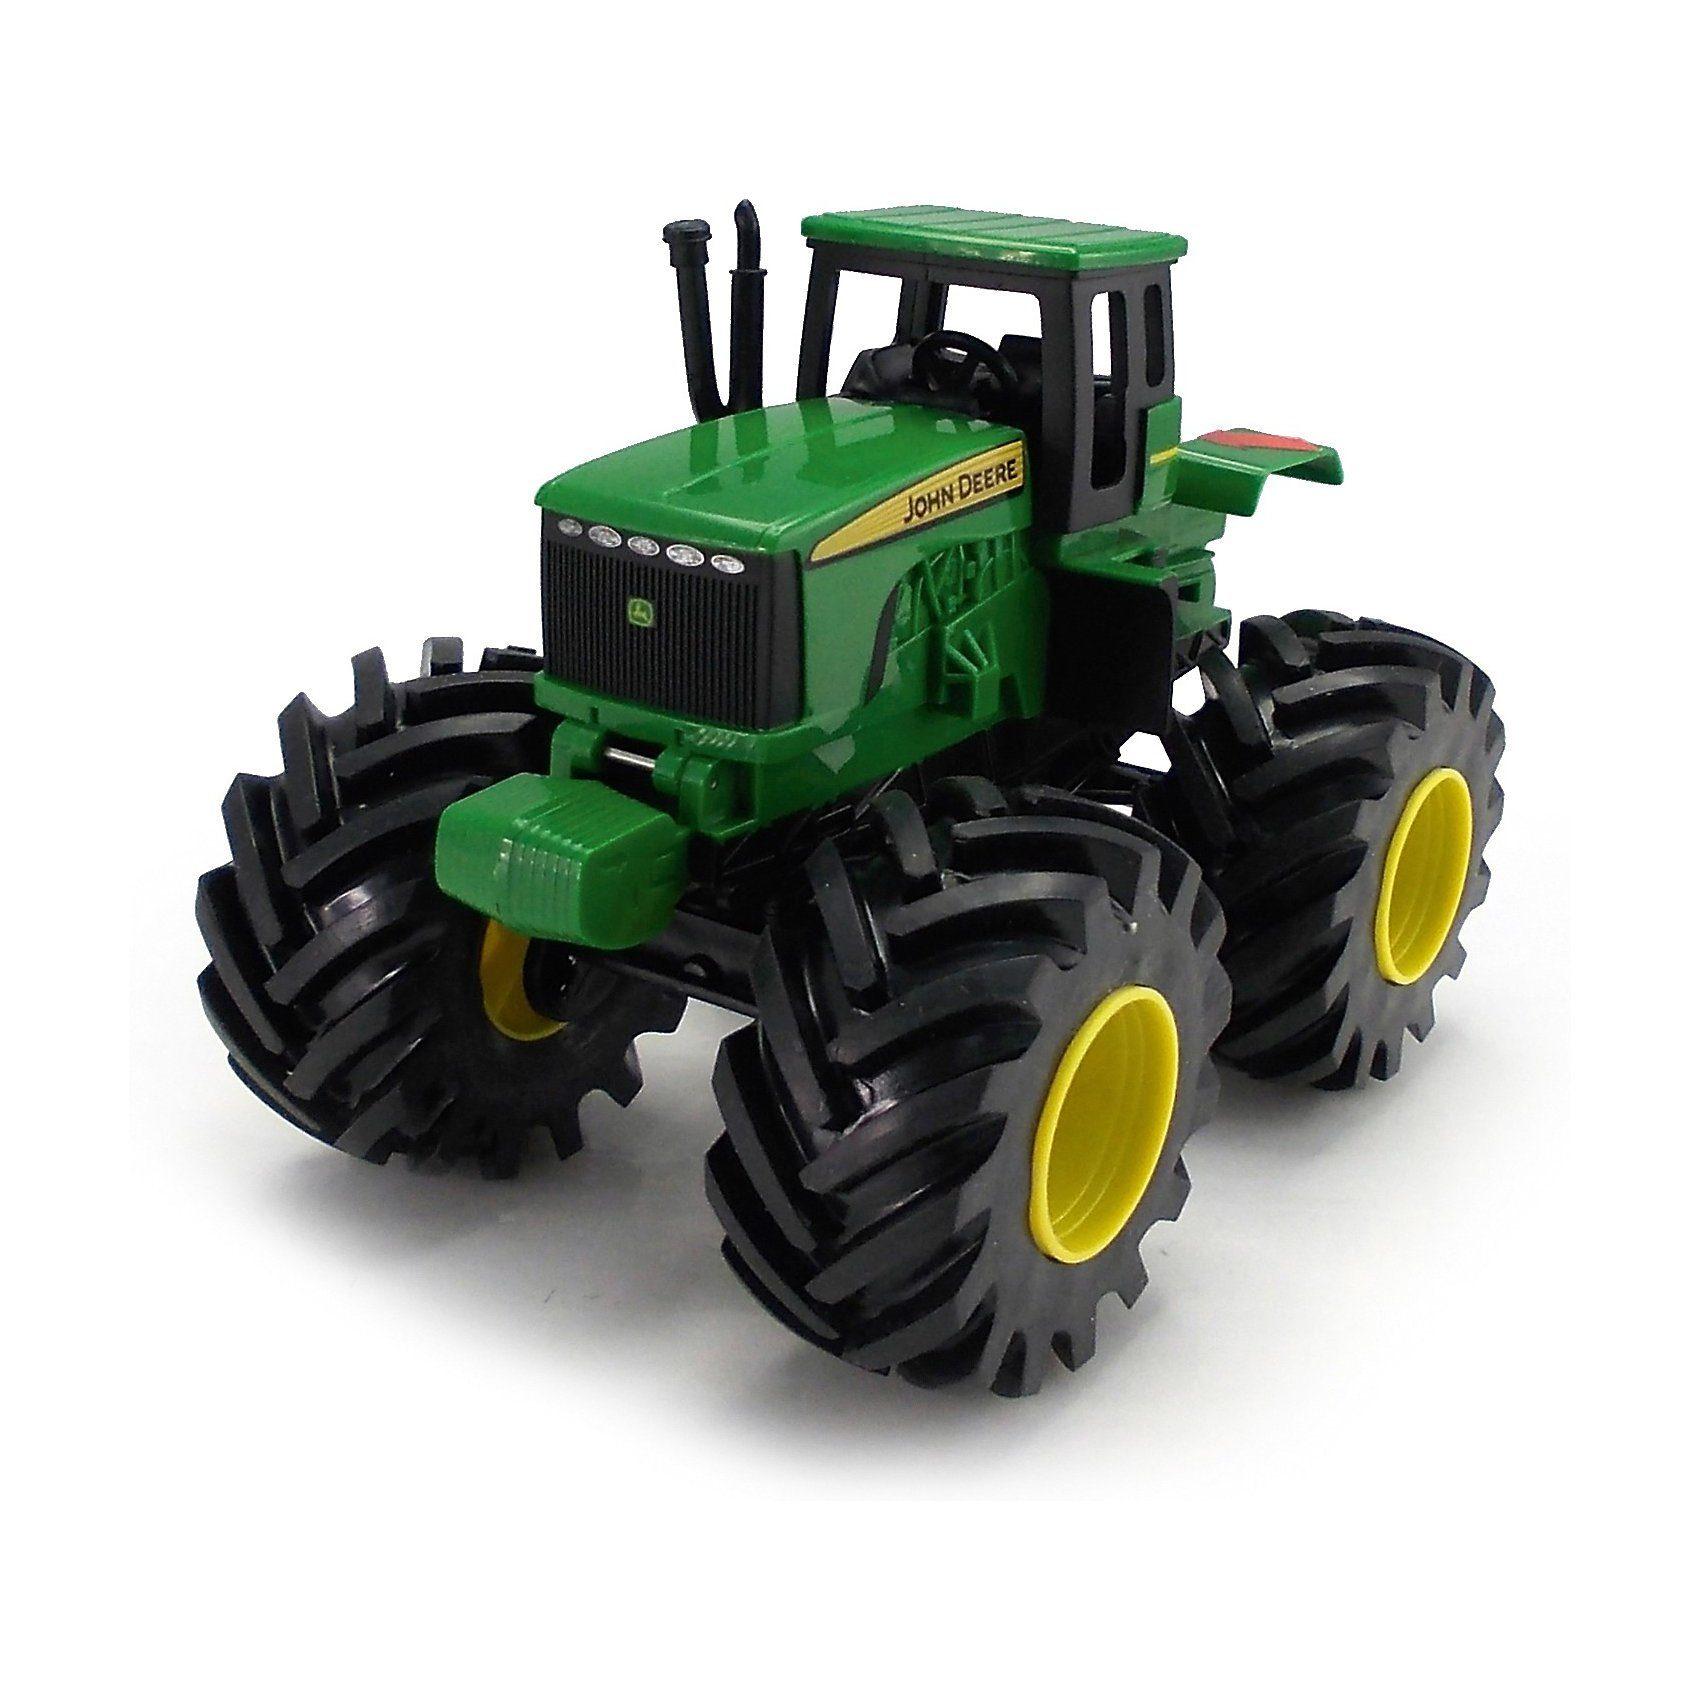 TOMY John Deere Monster Treads Traktor mit Sound und Rüttelfunkti